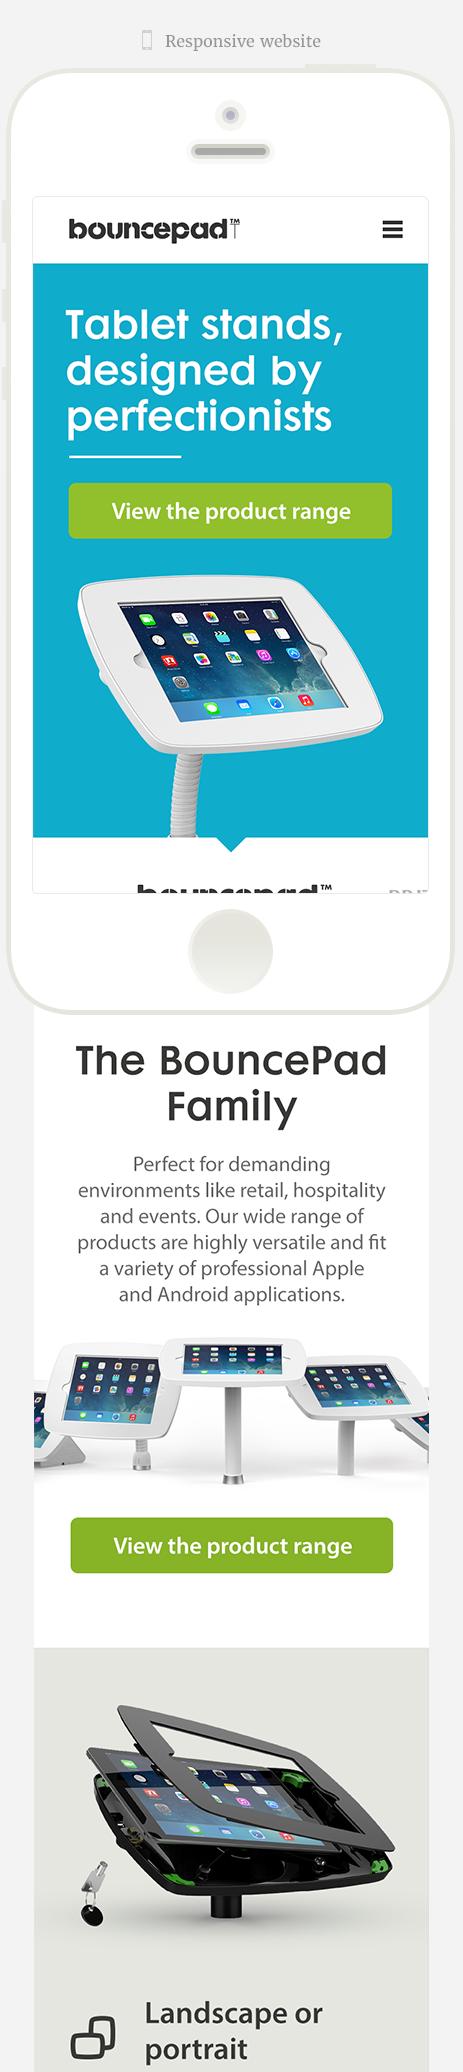 Bouncepad responsive website